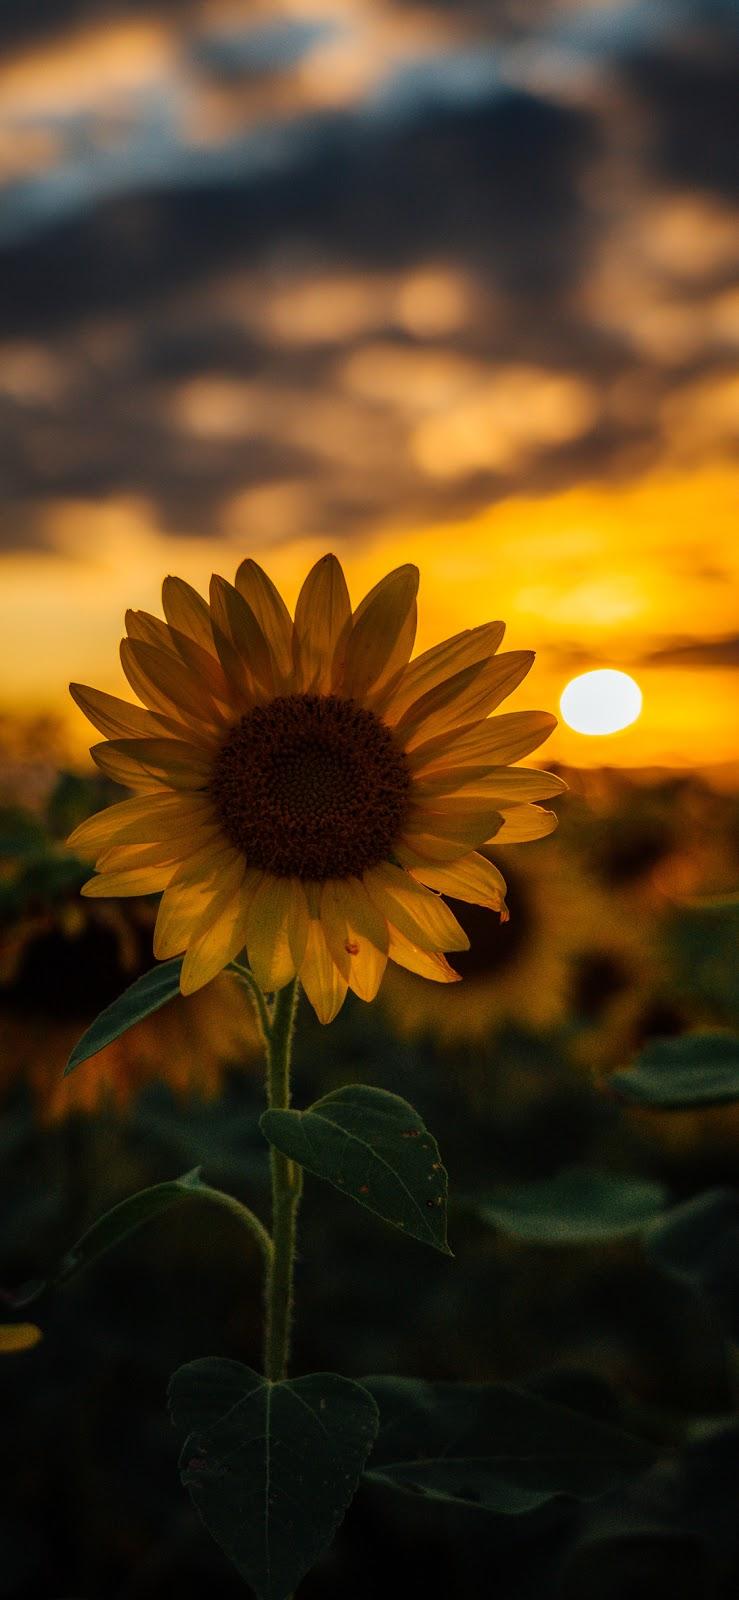 Sunflower Wallpaper Iphone X Sunflower Background For Iphone 238734 Hd Wallpaper Backgrounds Download